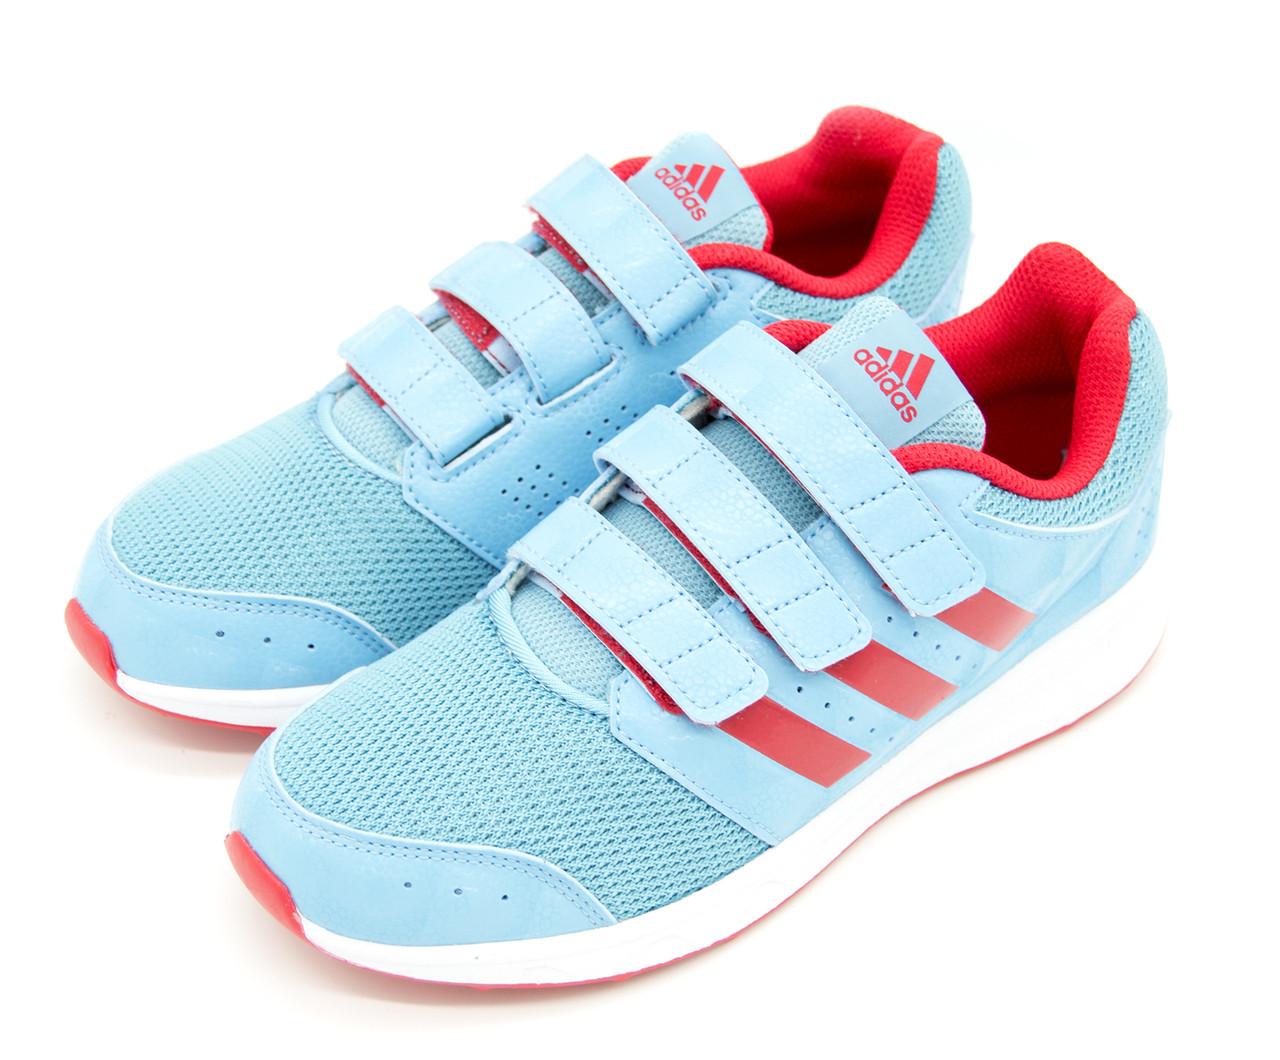 Кроссовки Adidas для детей Размер - 35 1/2 (22,5 см)